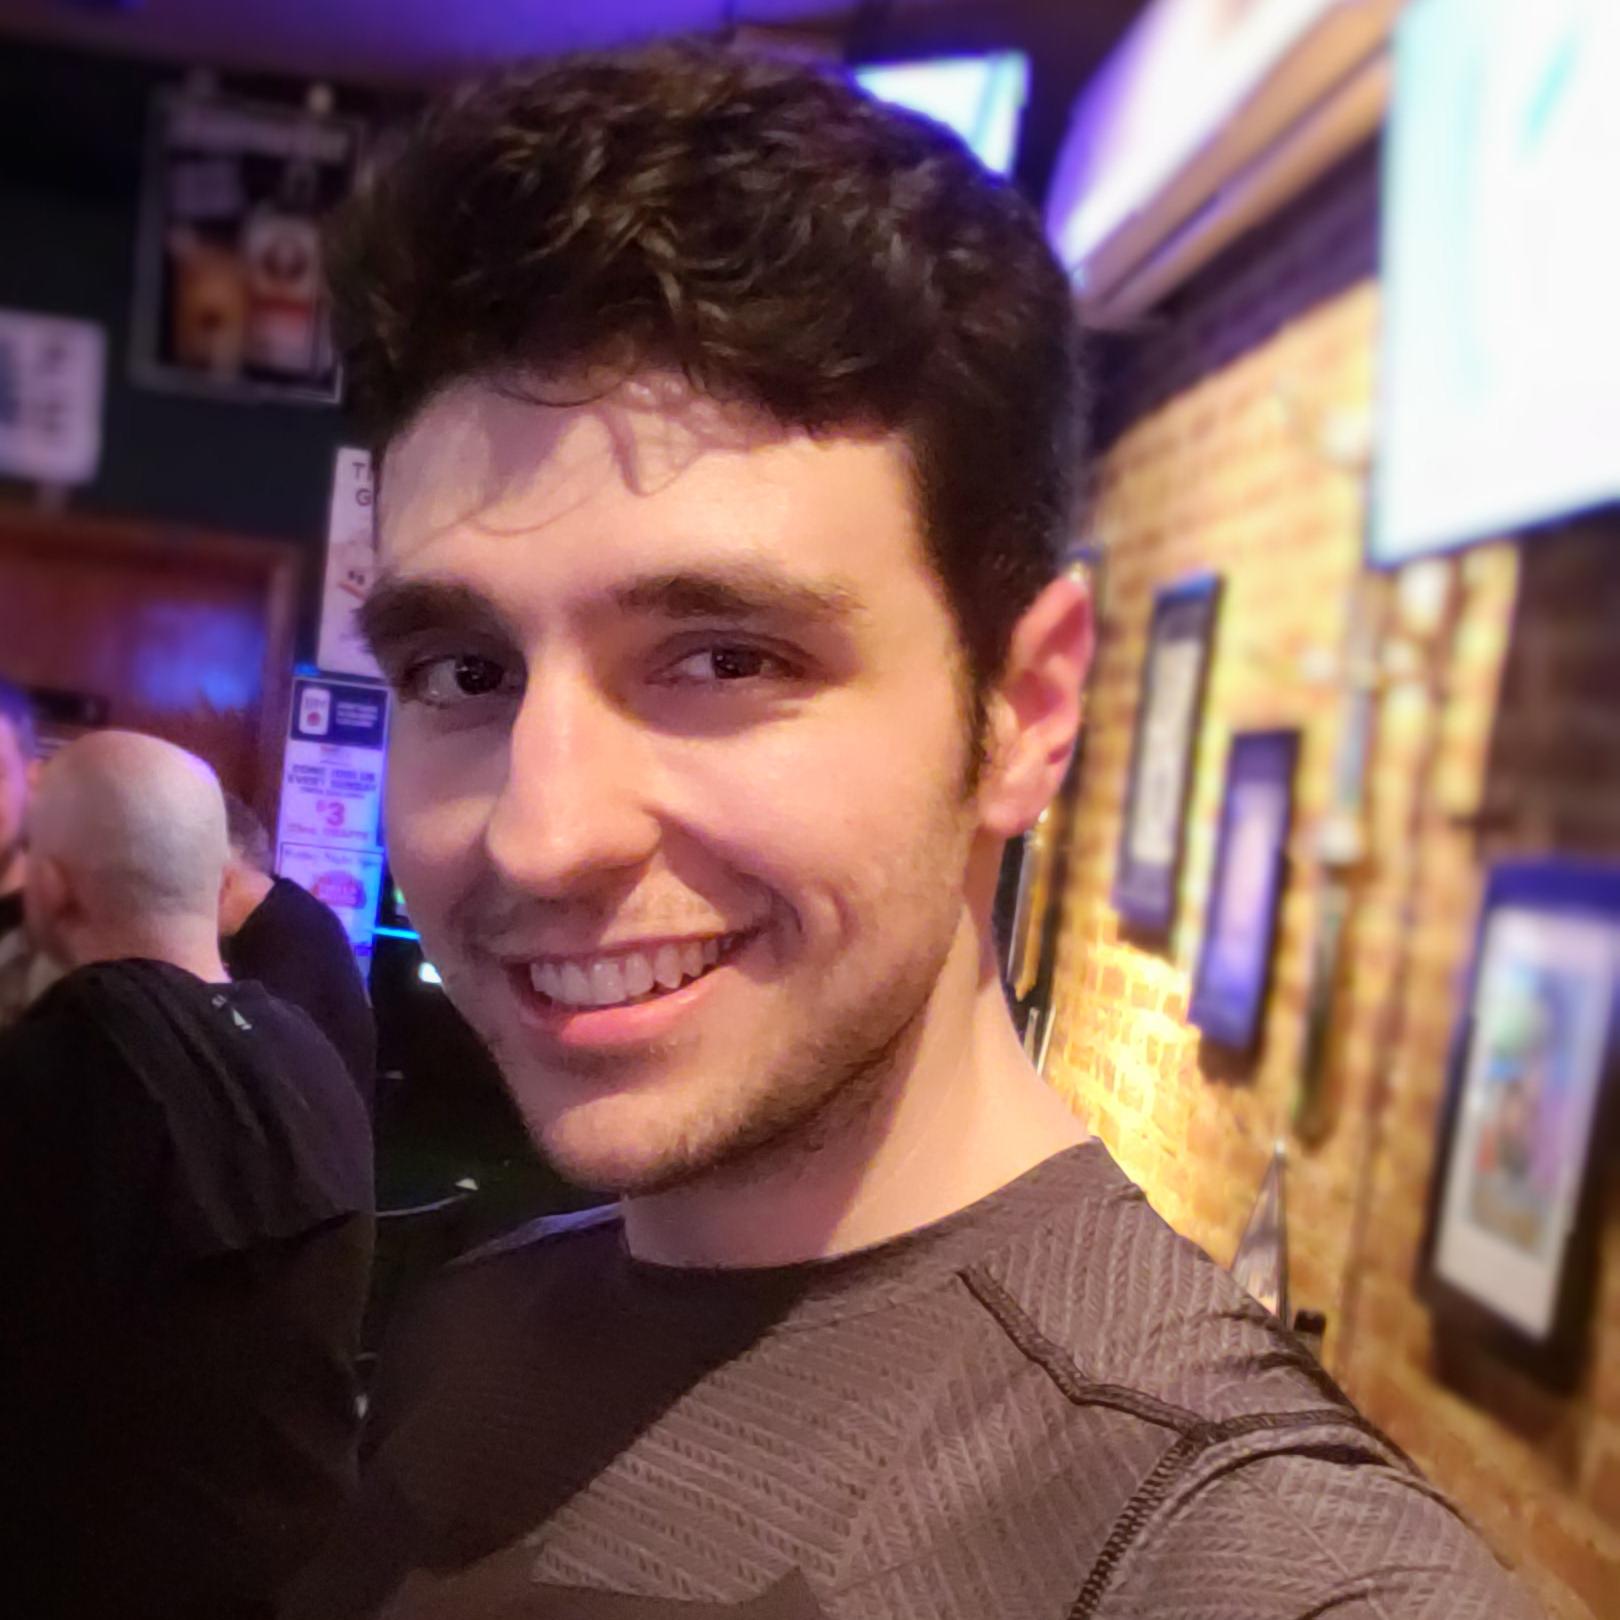 Brandon Diaz